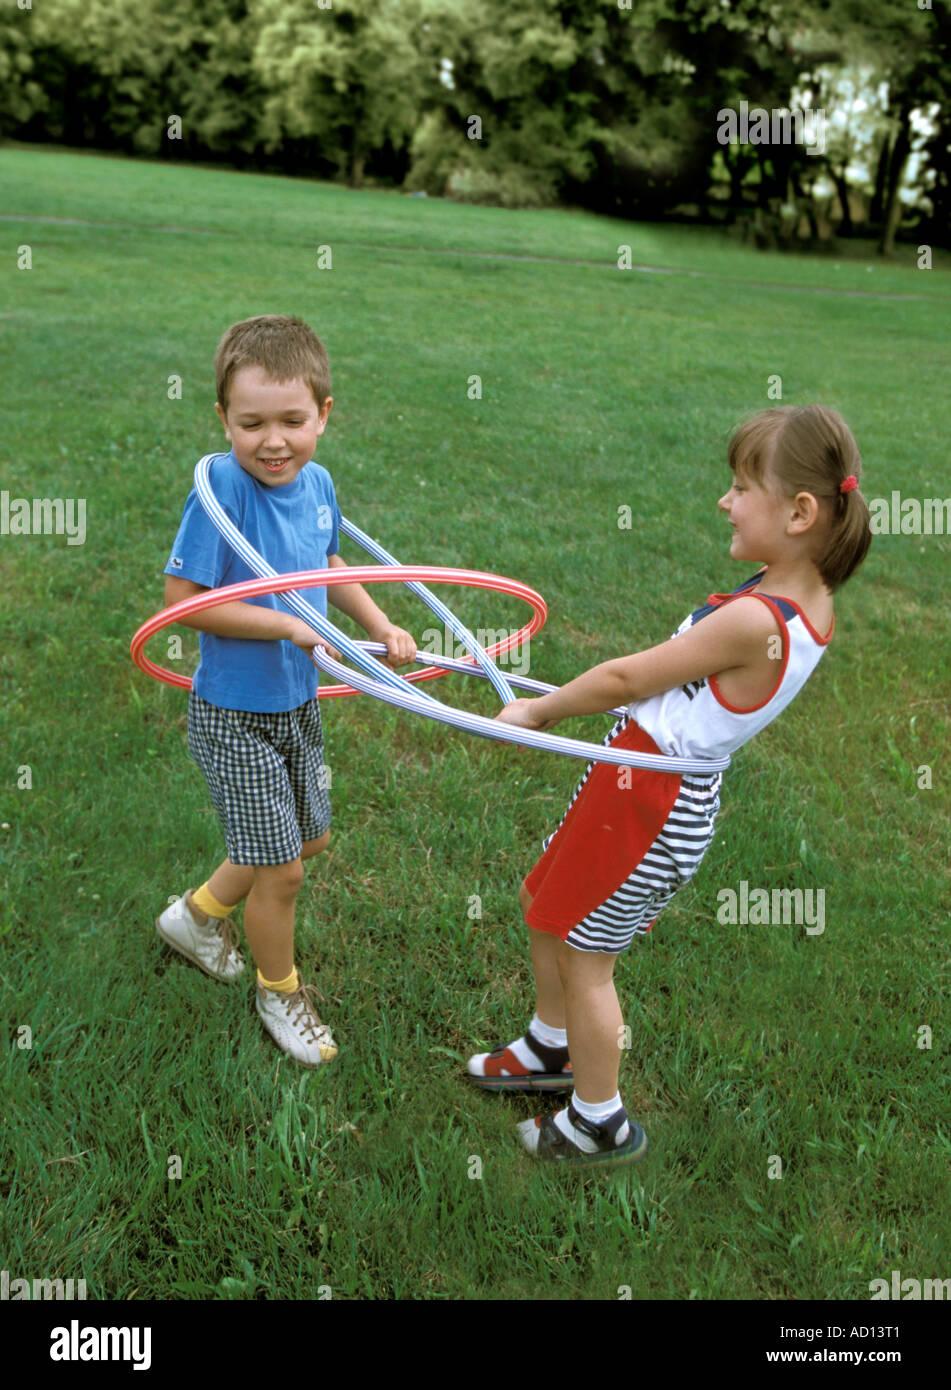 Un ragazzo e una ragazza a giocare con hula hop cerchi Immagini Stock